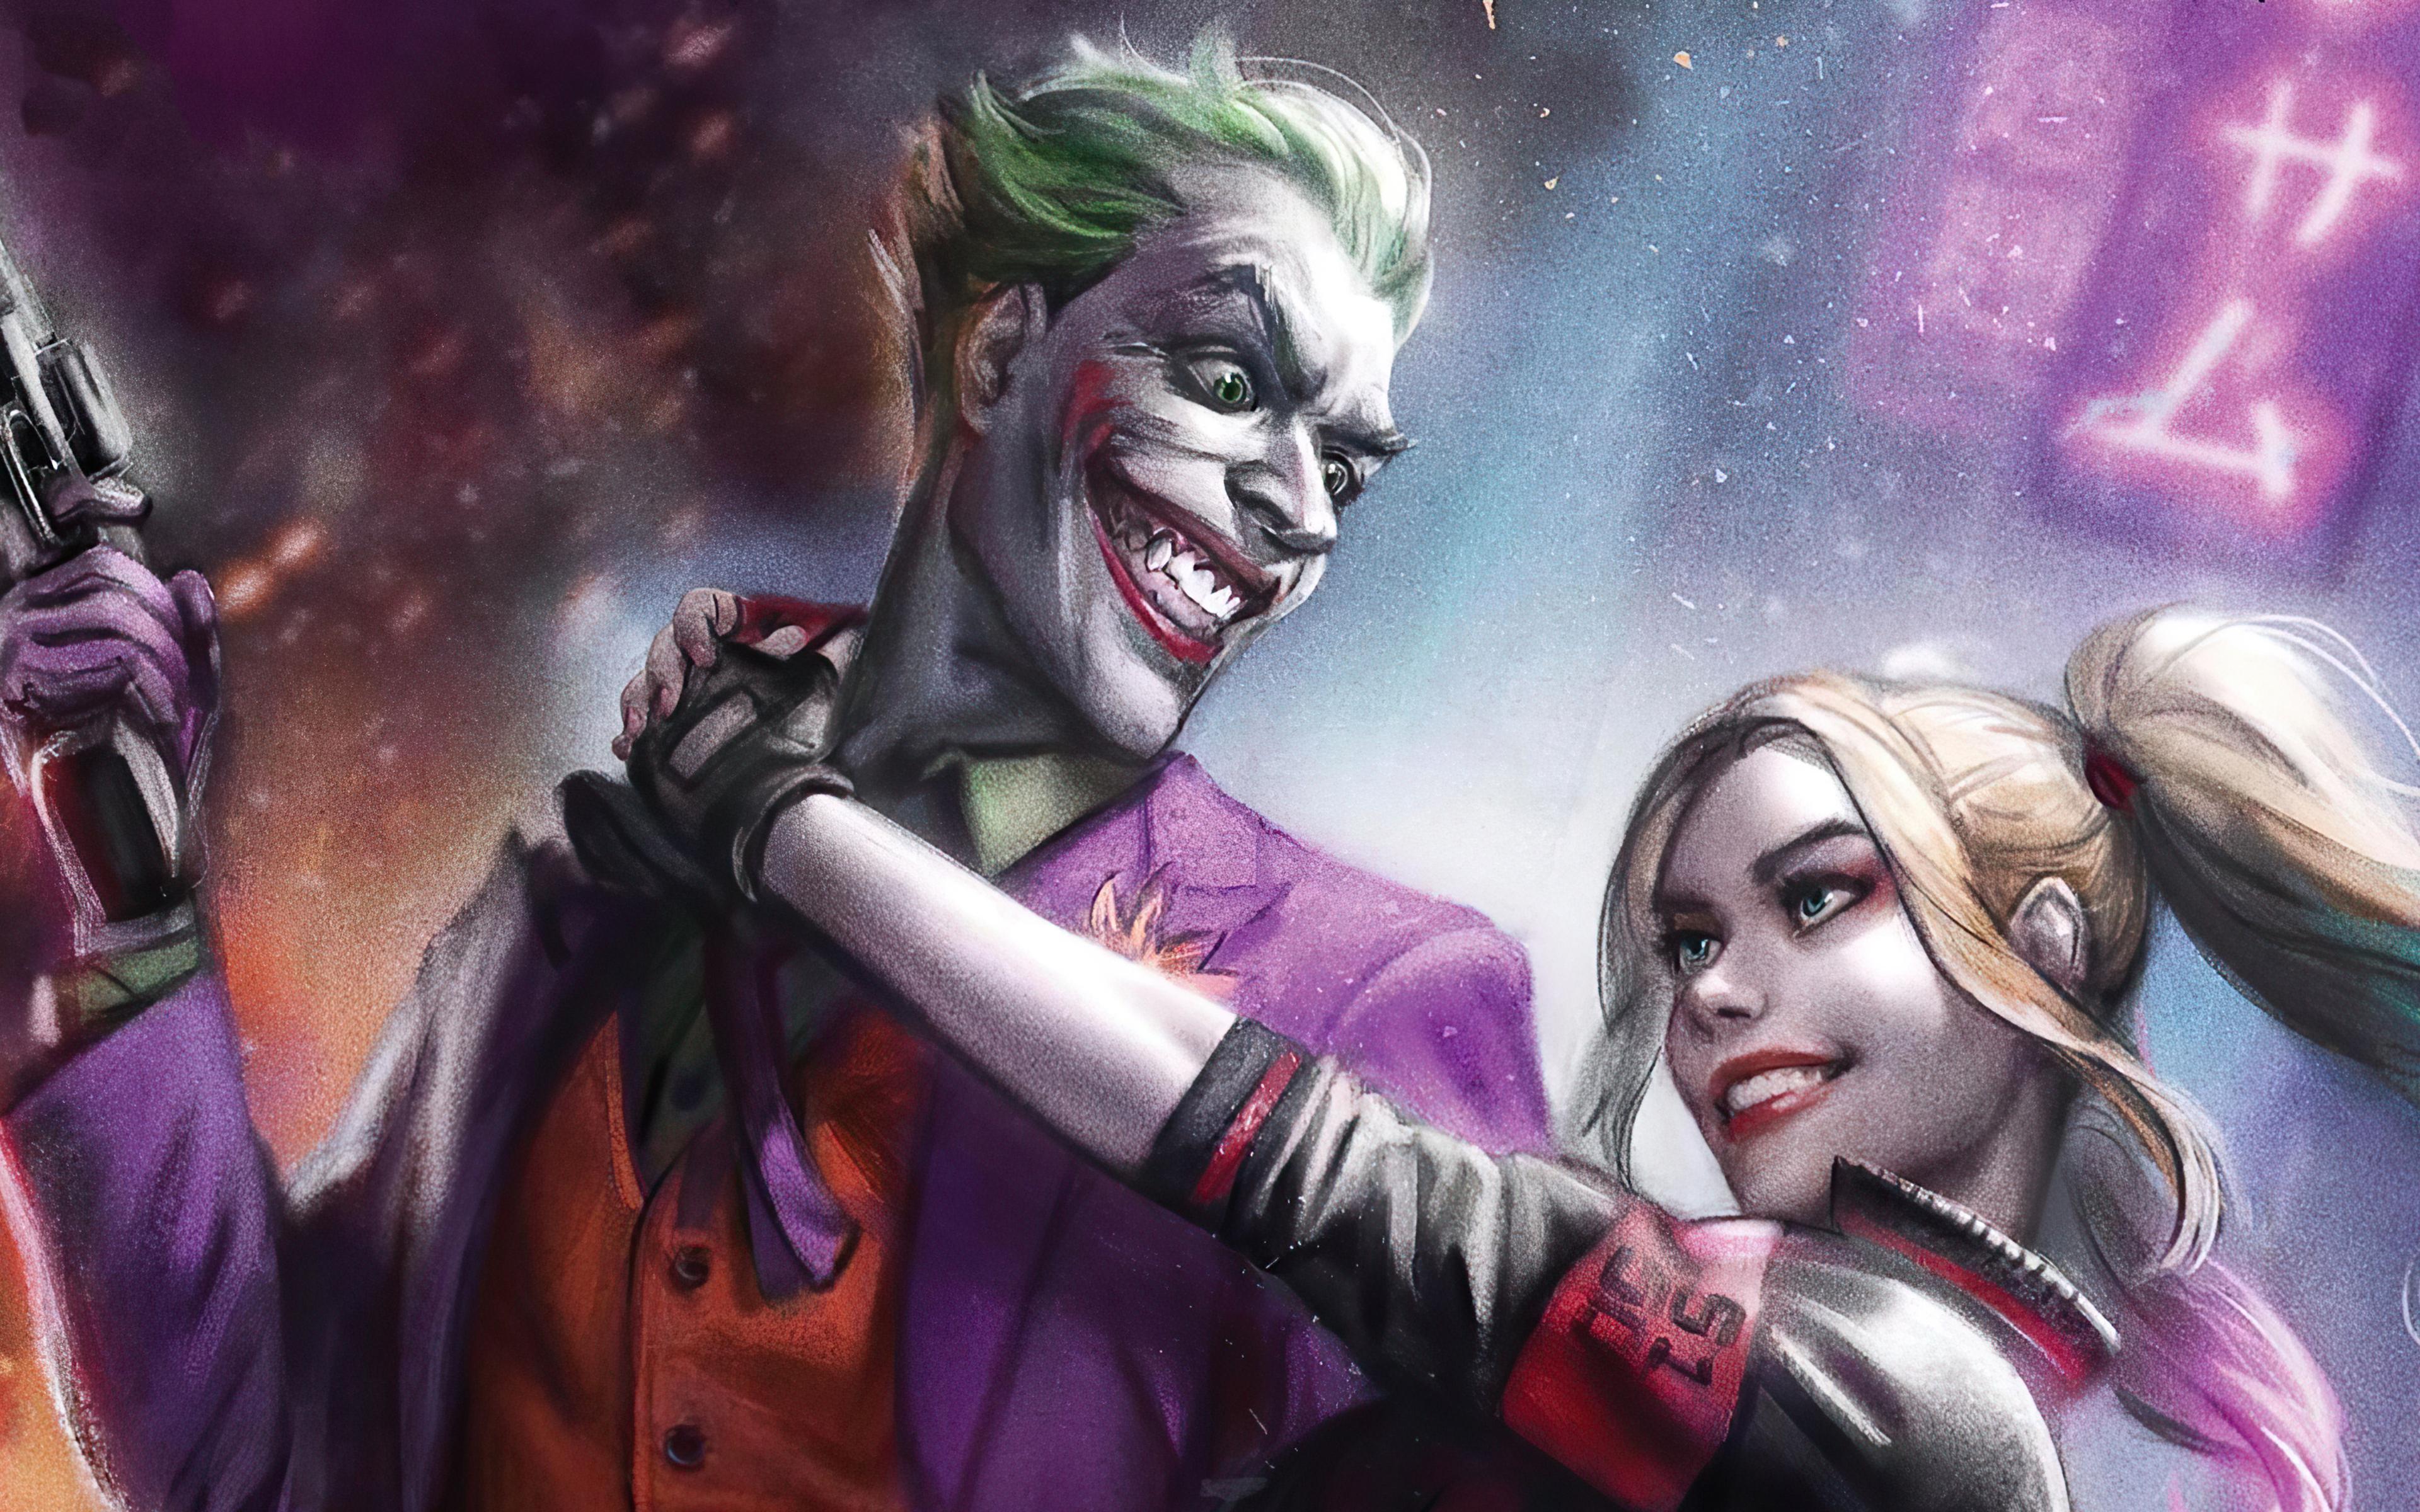 3840x2400 Joker And Harley Quinn 4k 2020 4k HD 4k ...